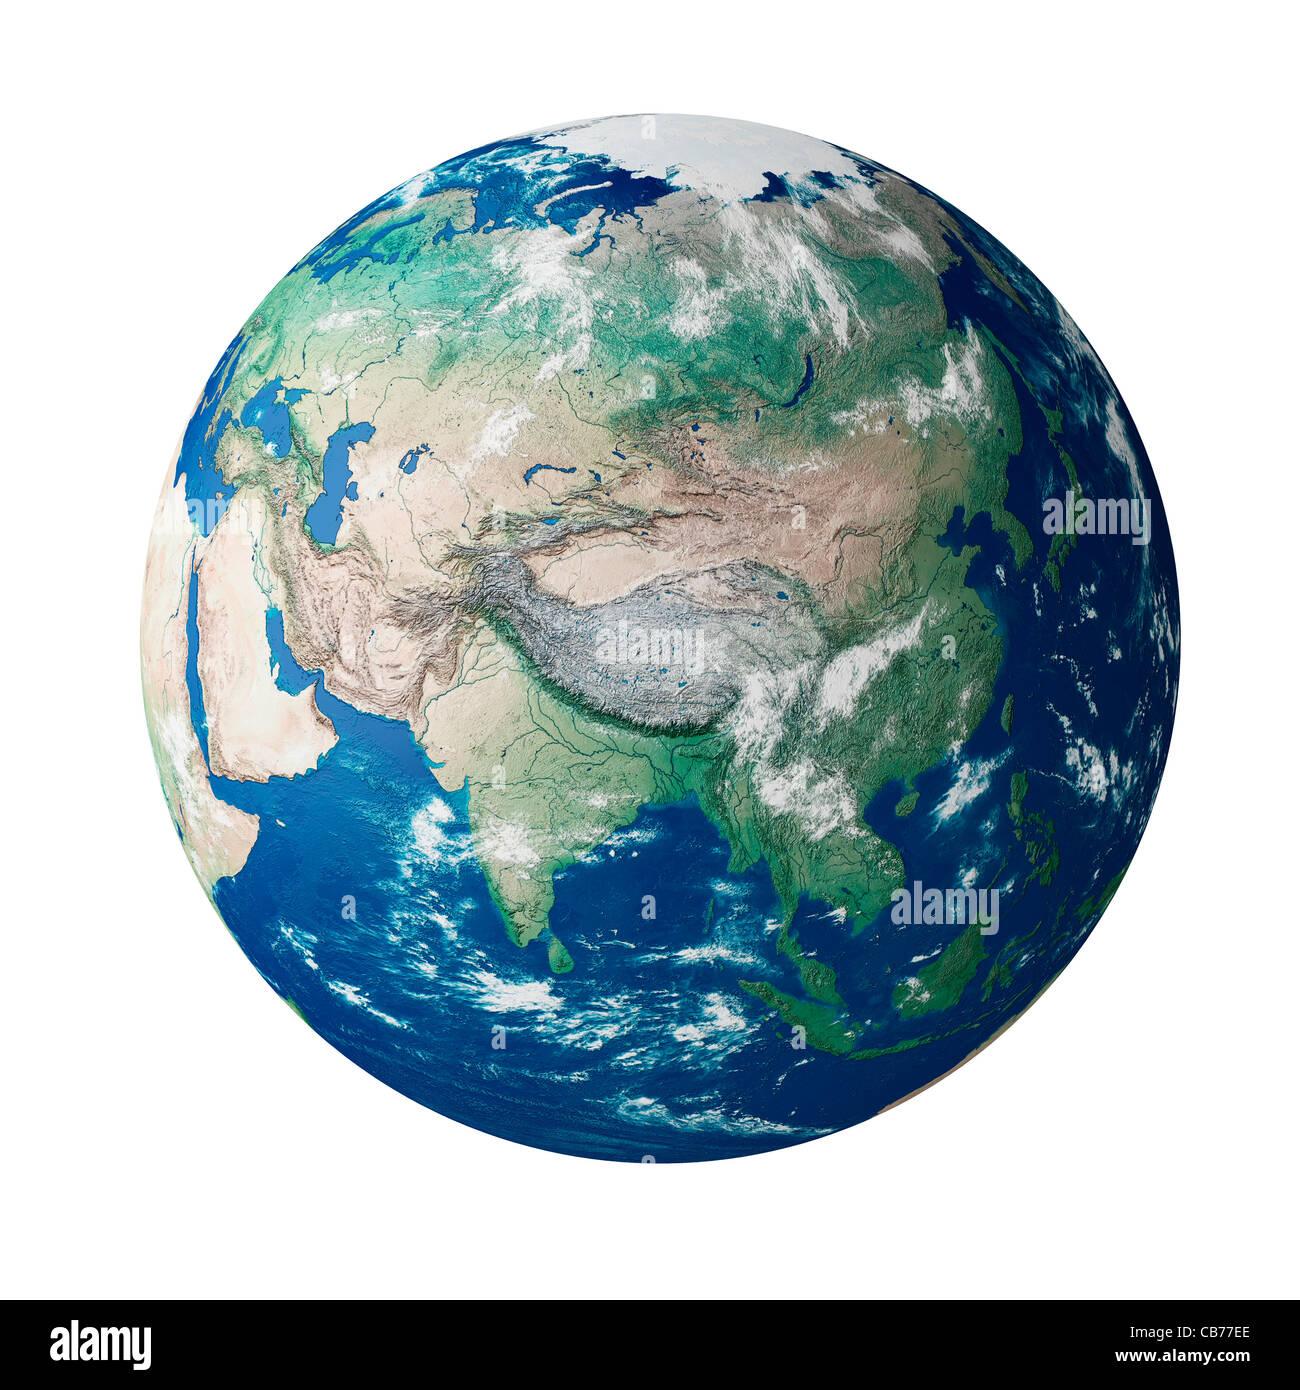 Globus mit den asiatischen Kontinent auf dem Planeten Erde Stockbild